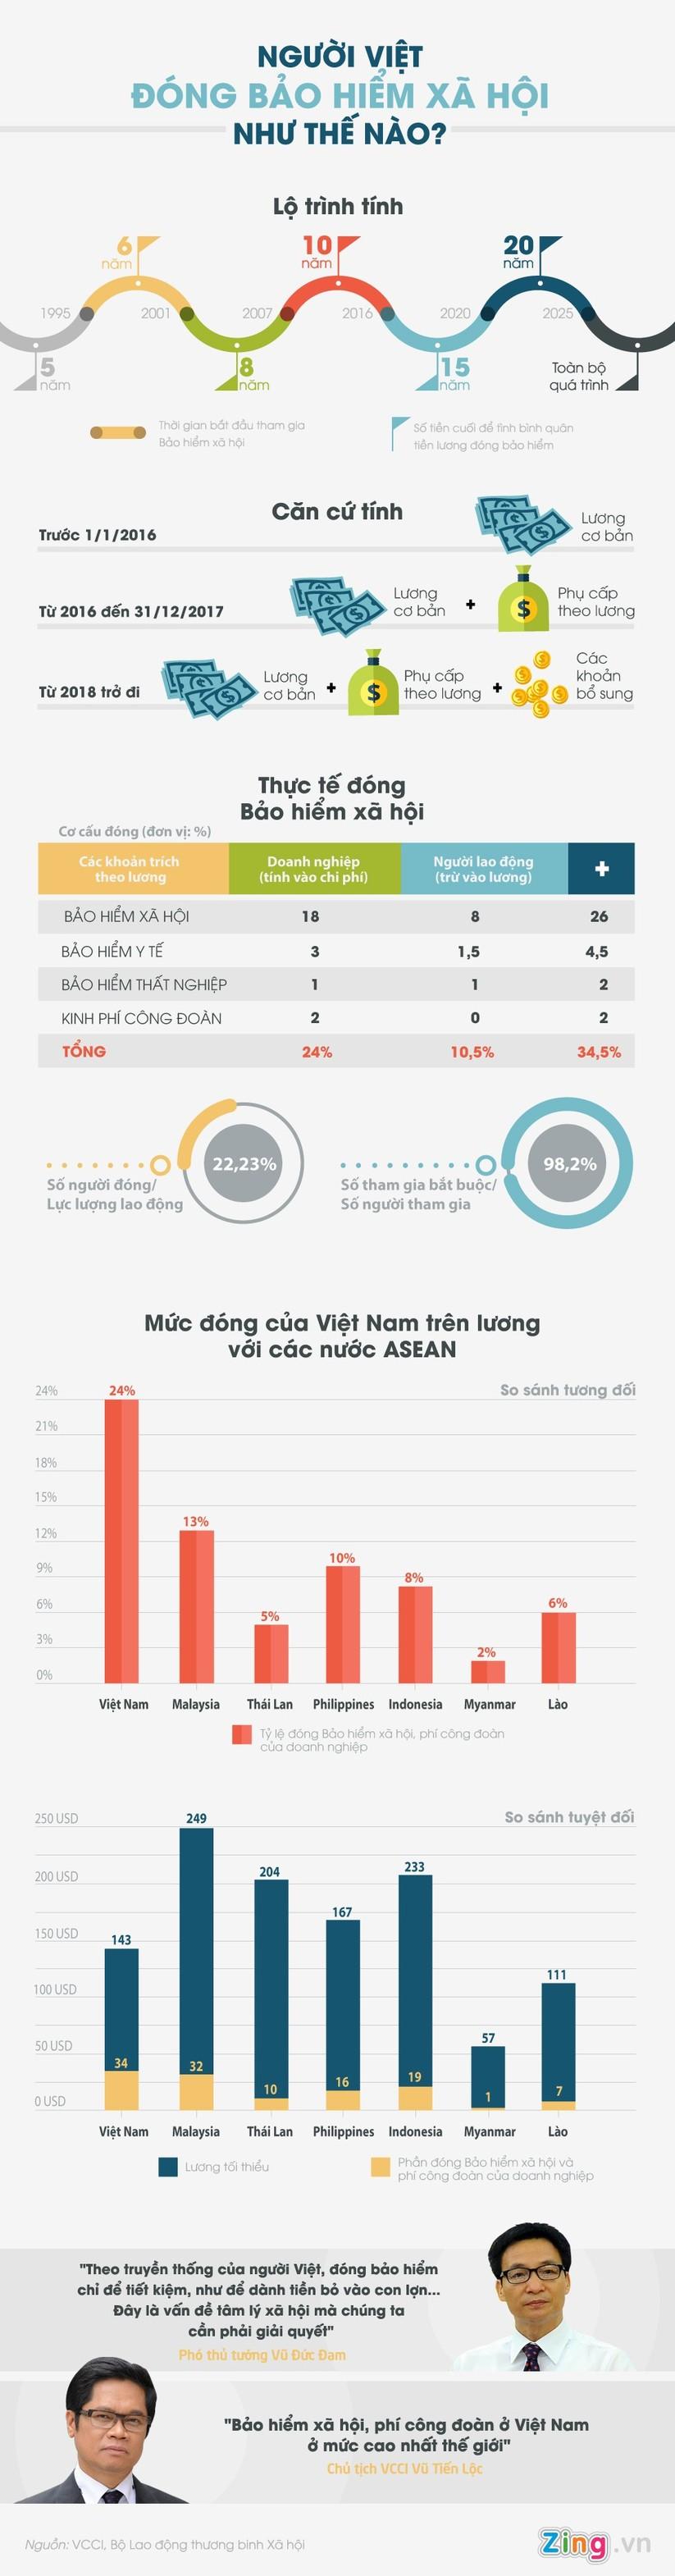 Người Việt đóng bảo hiểm xã hội như thế nào? ảnh 1